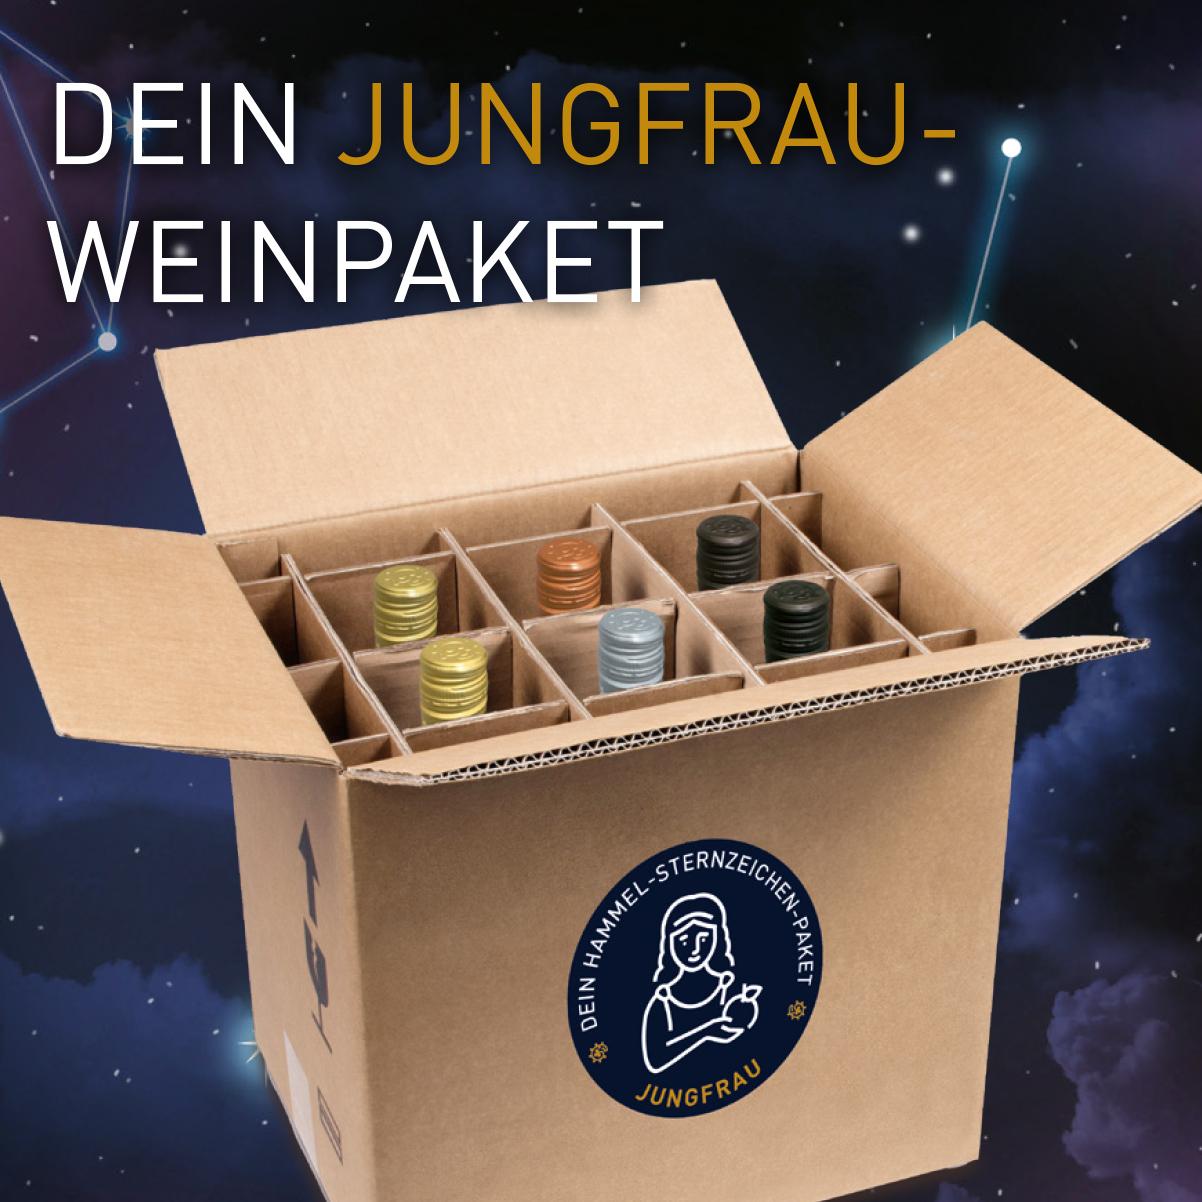 Sternzeichenpaket - Jungfrau